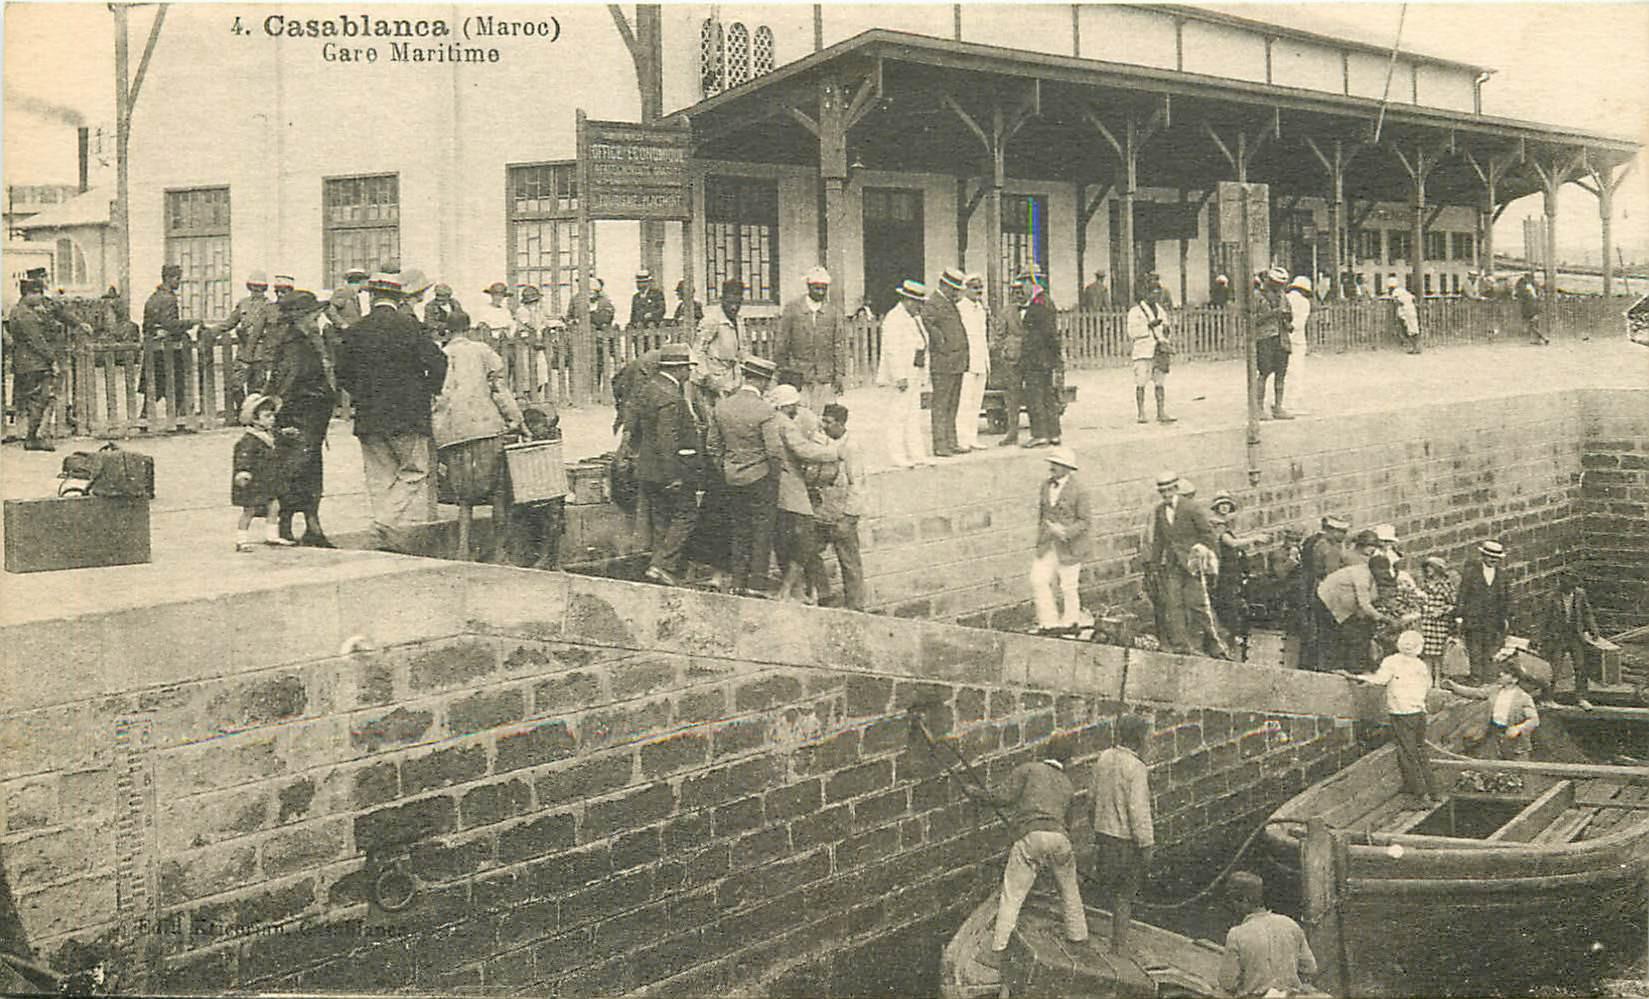 WW CASABLANCA. Arrivée des Voyageurs en Gare Maritime au Maroc